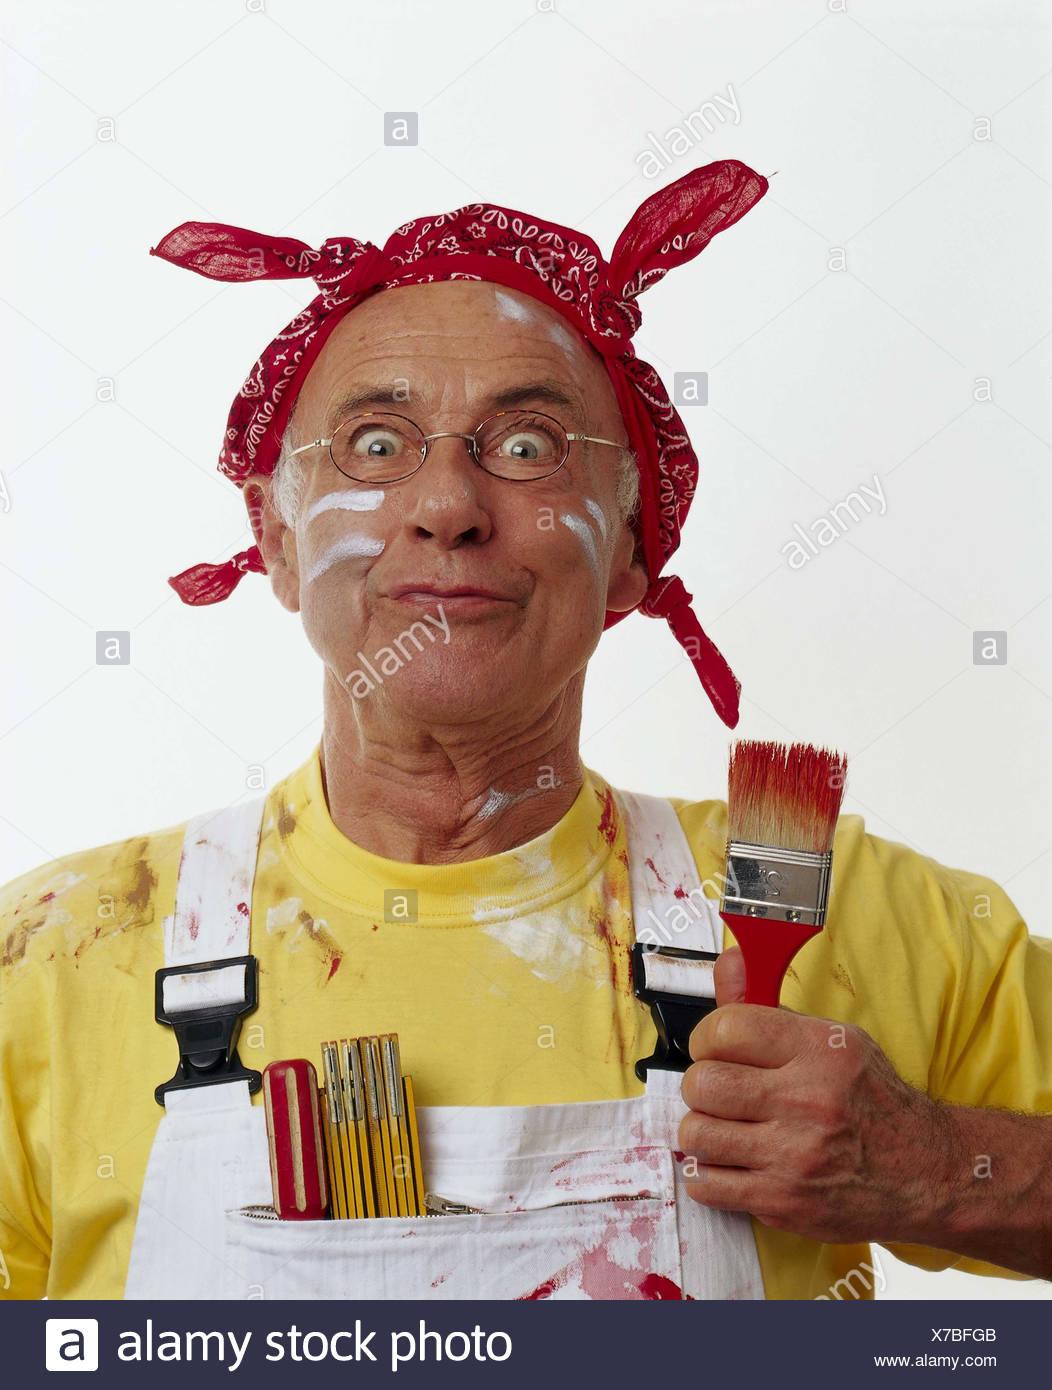 feinste Stoffe billig zu verkaufen Entdecken Heimwerken, Renovierung, senior, Blick, kontaminiert, Farbe ...